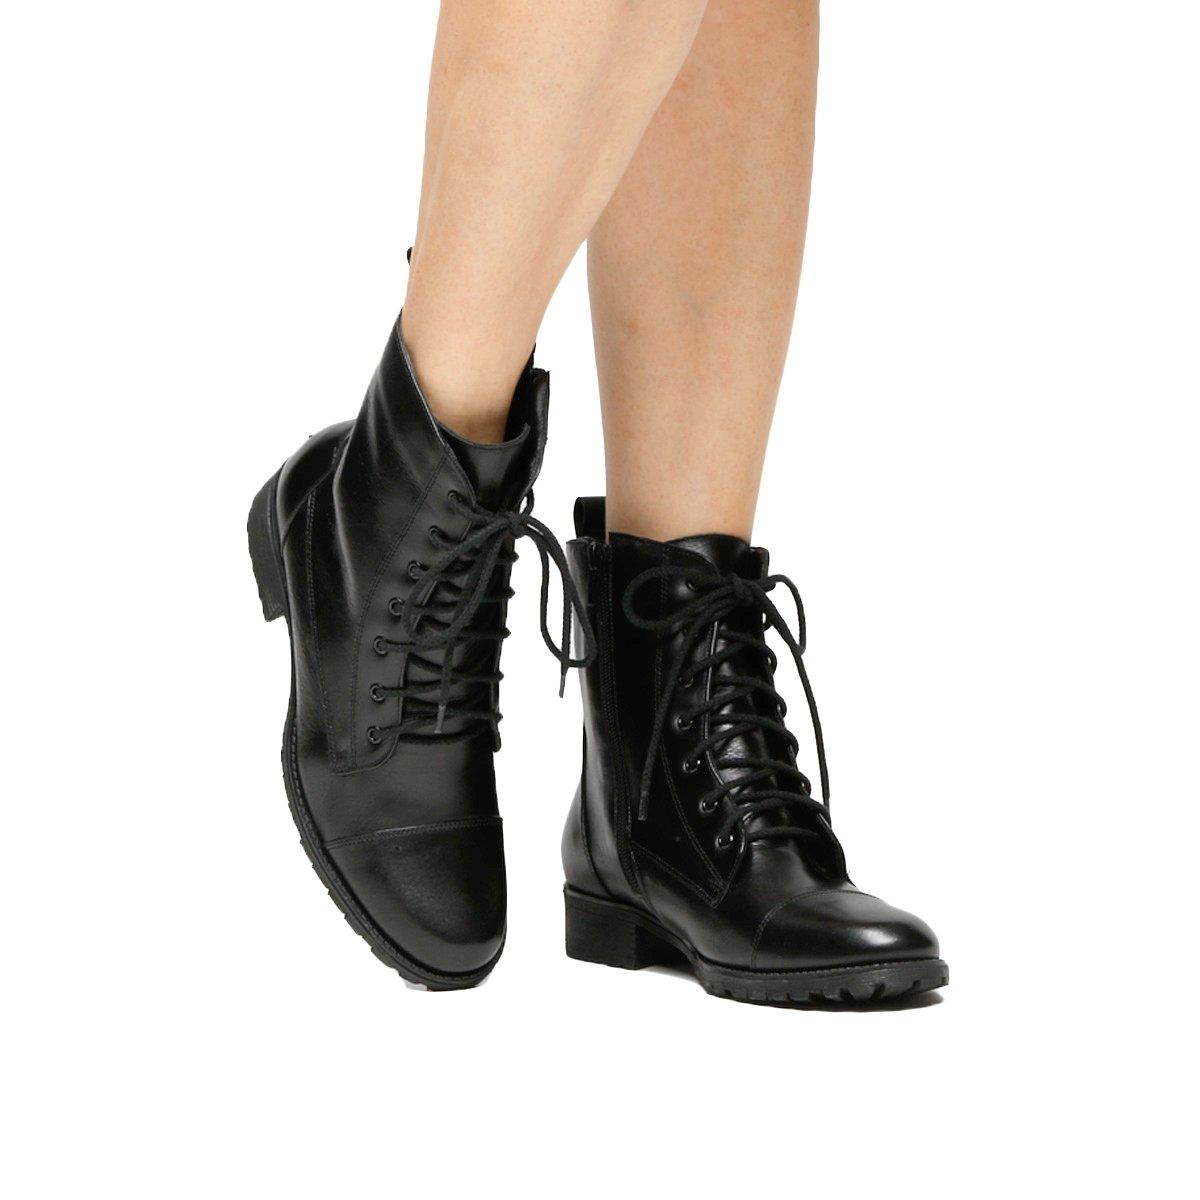 707d366358704 Coturno Shoestock Cadarço - Compre Agora   Shoestock